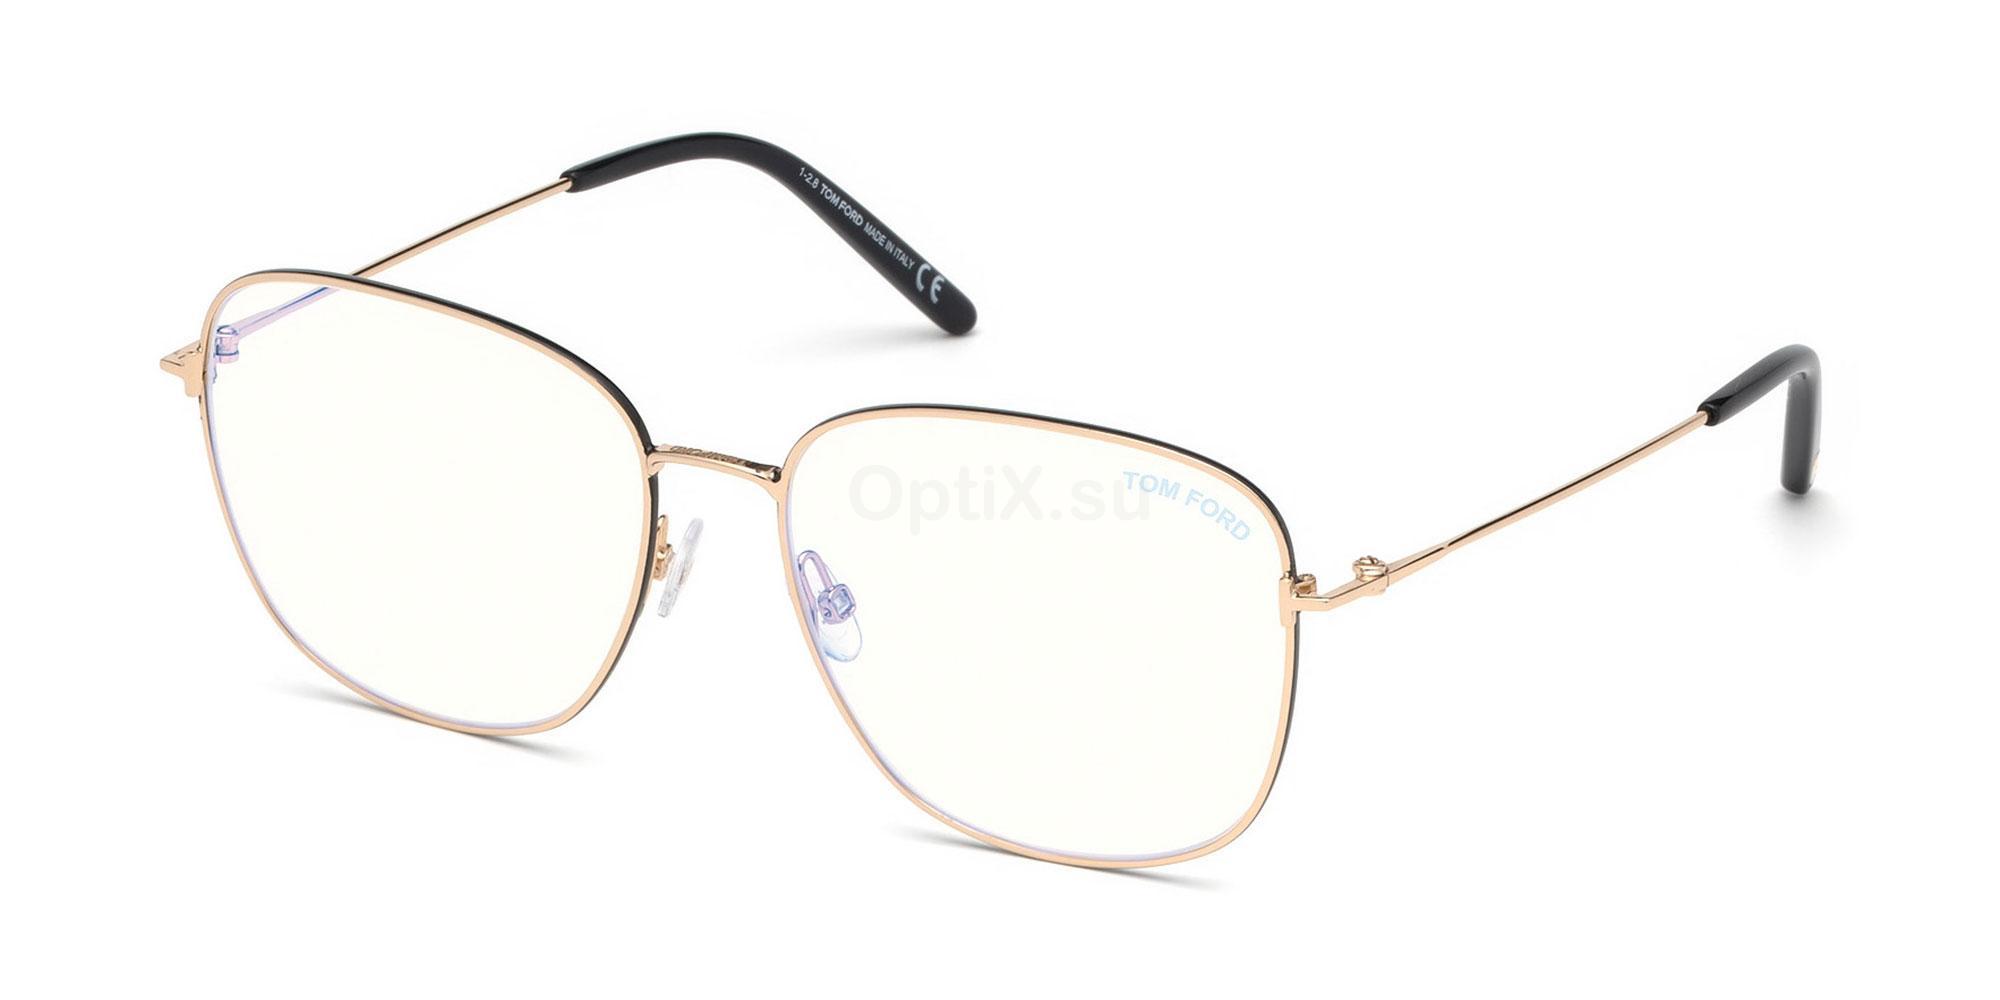 001 FT5572-B Glasses, Tom Ford